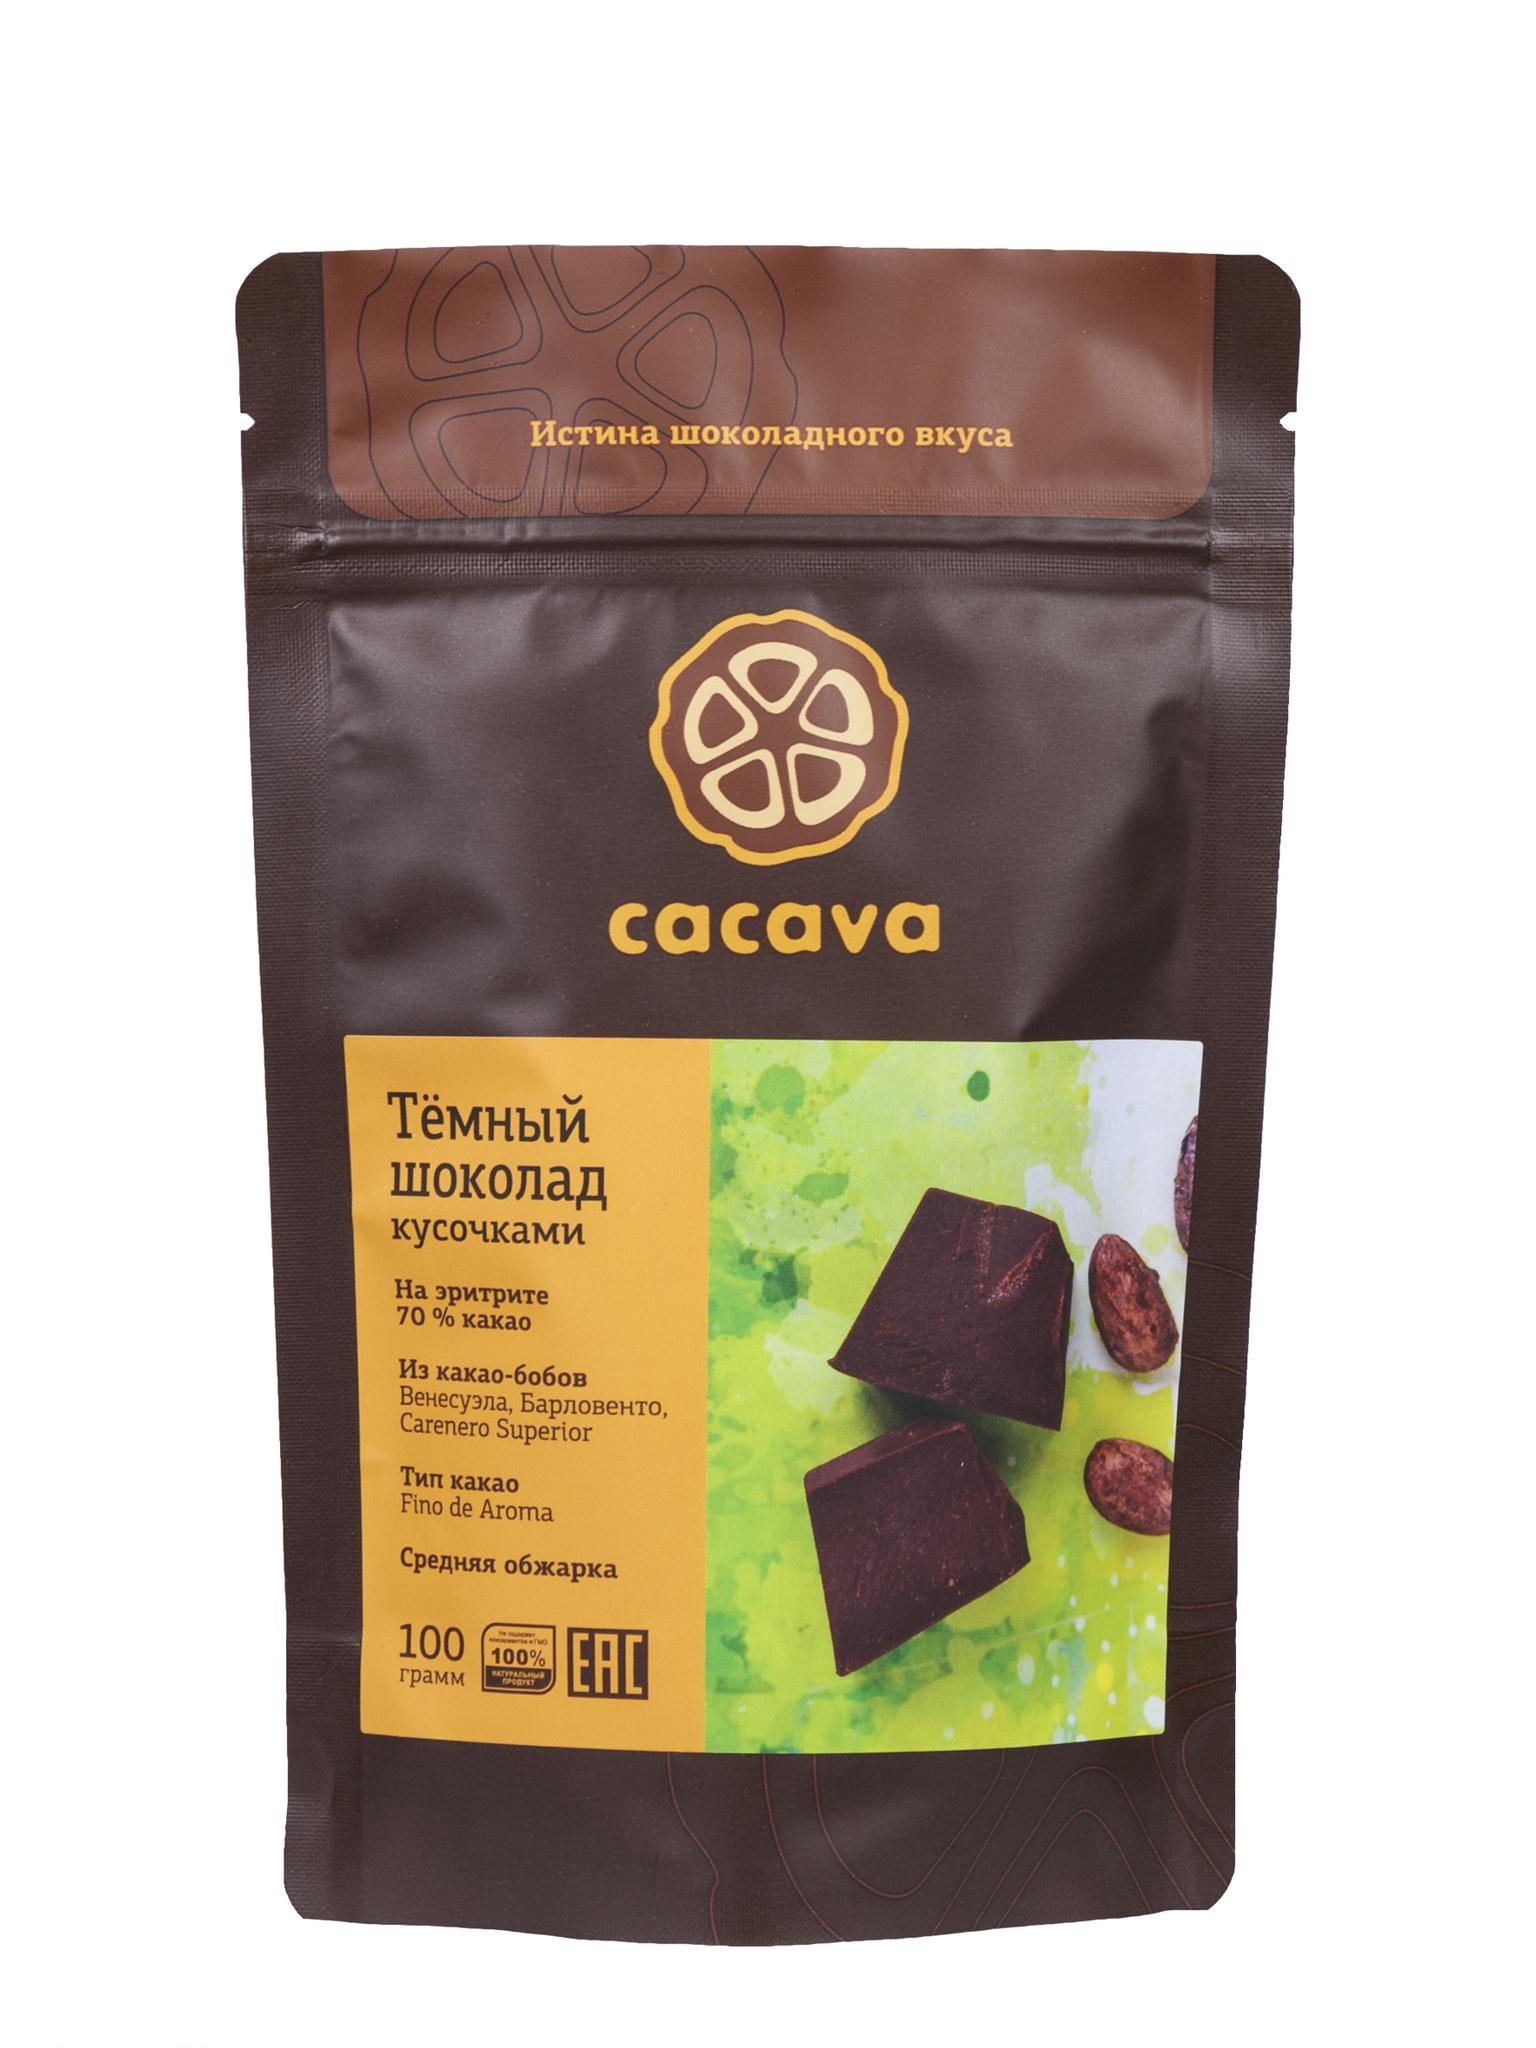 Тёмный шоколад 70 % какао, на эритрите, упаковка 100 грамм